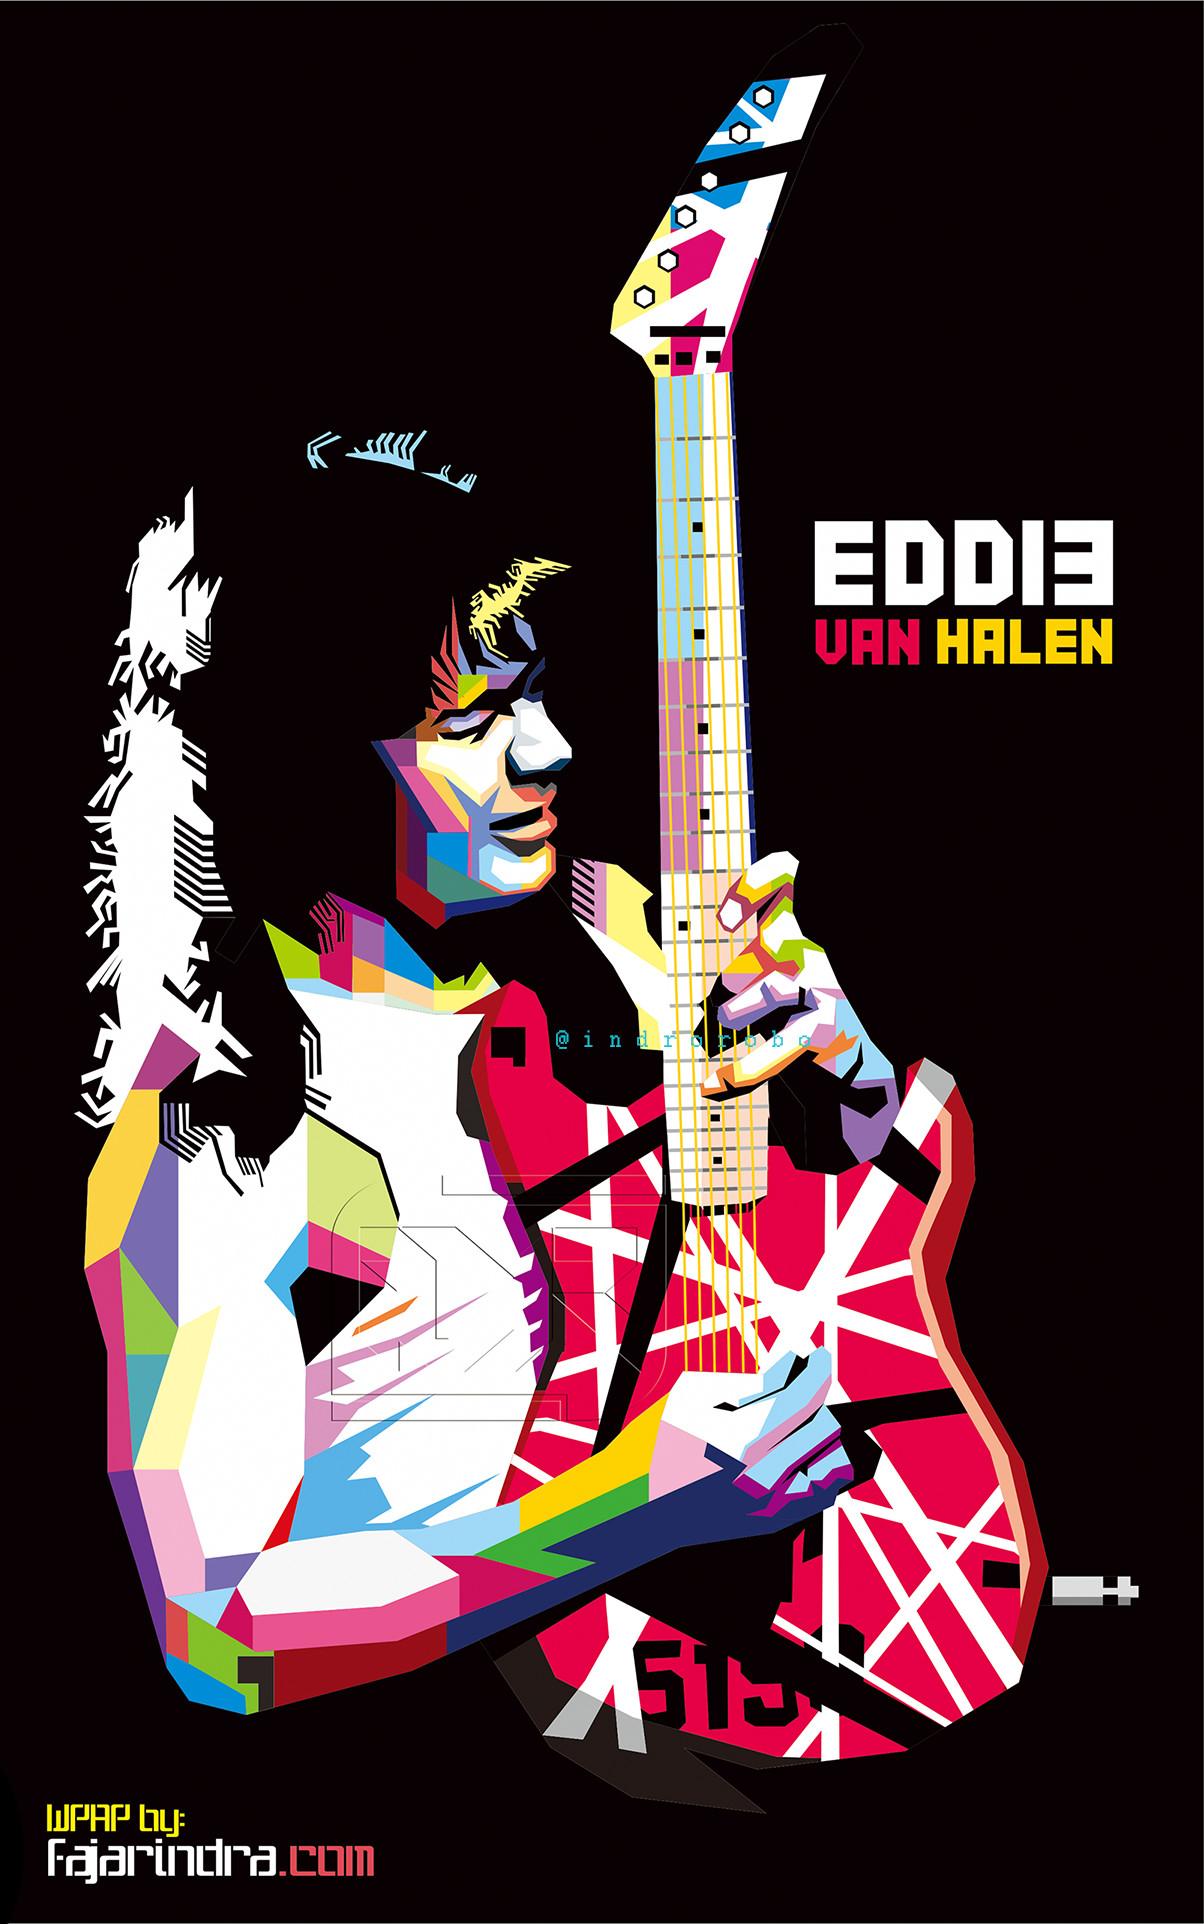 Eddie Van Halen WPAP By Indrorobo